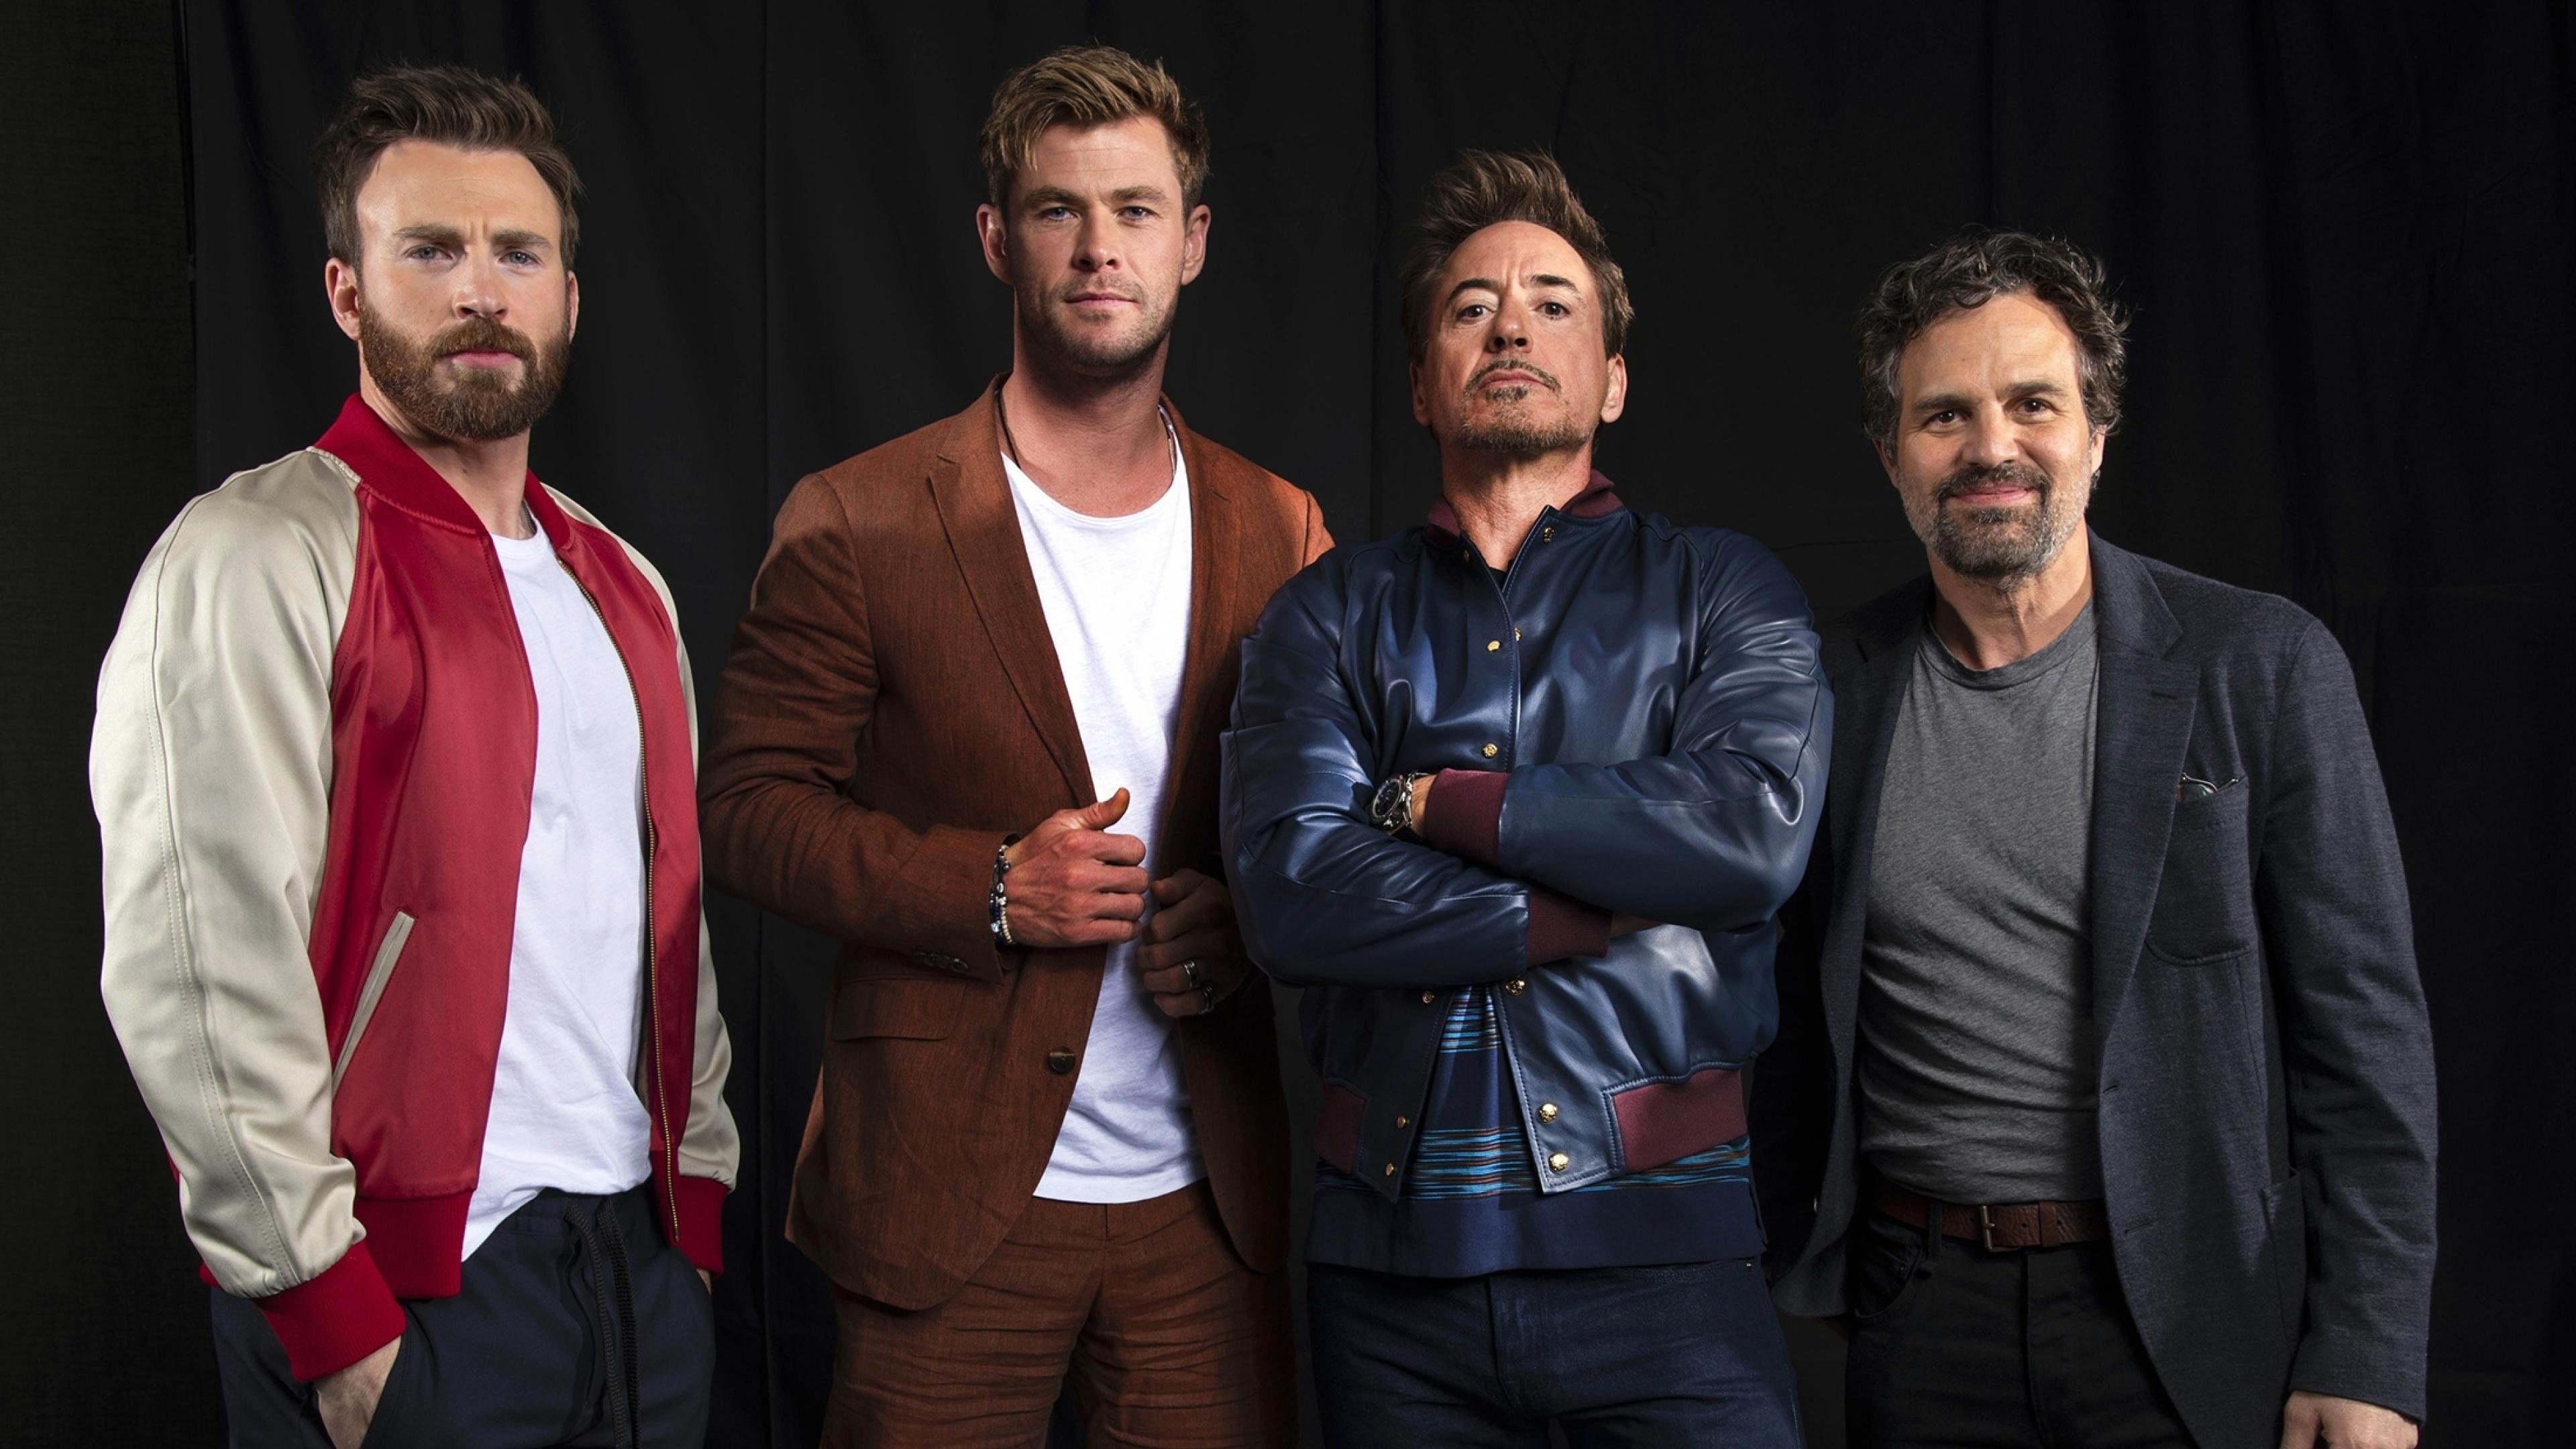 Avengers Endgame Cast Wallpaper in 3840x2160 Resolution